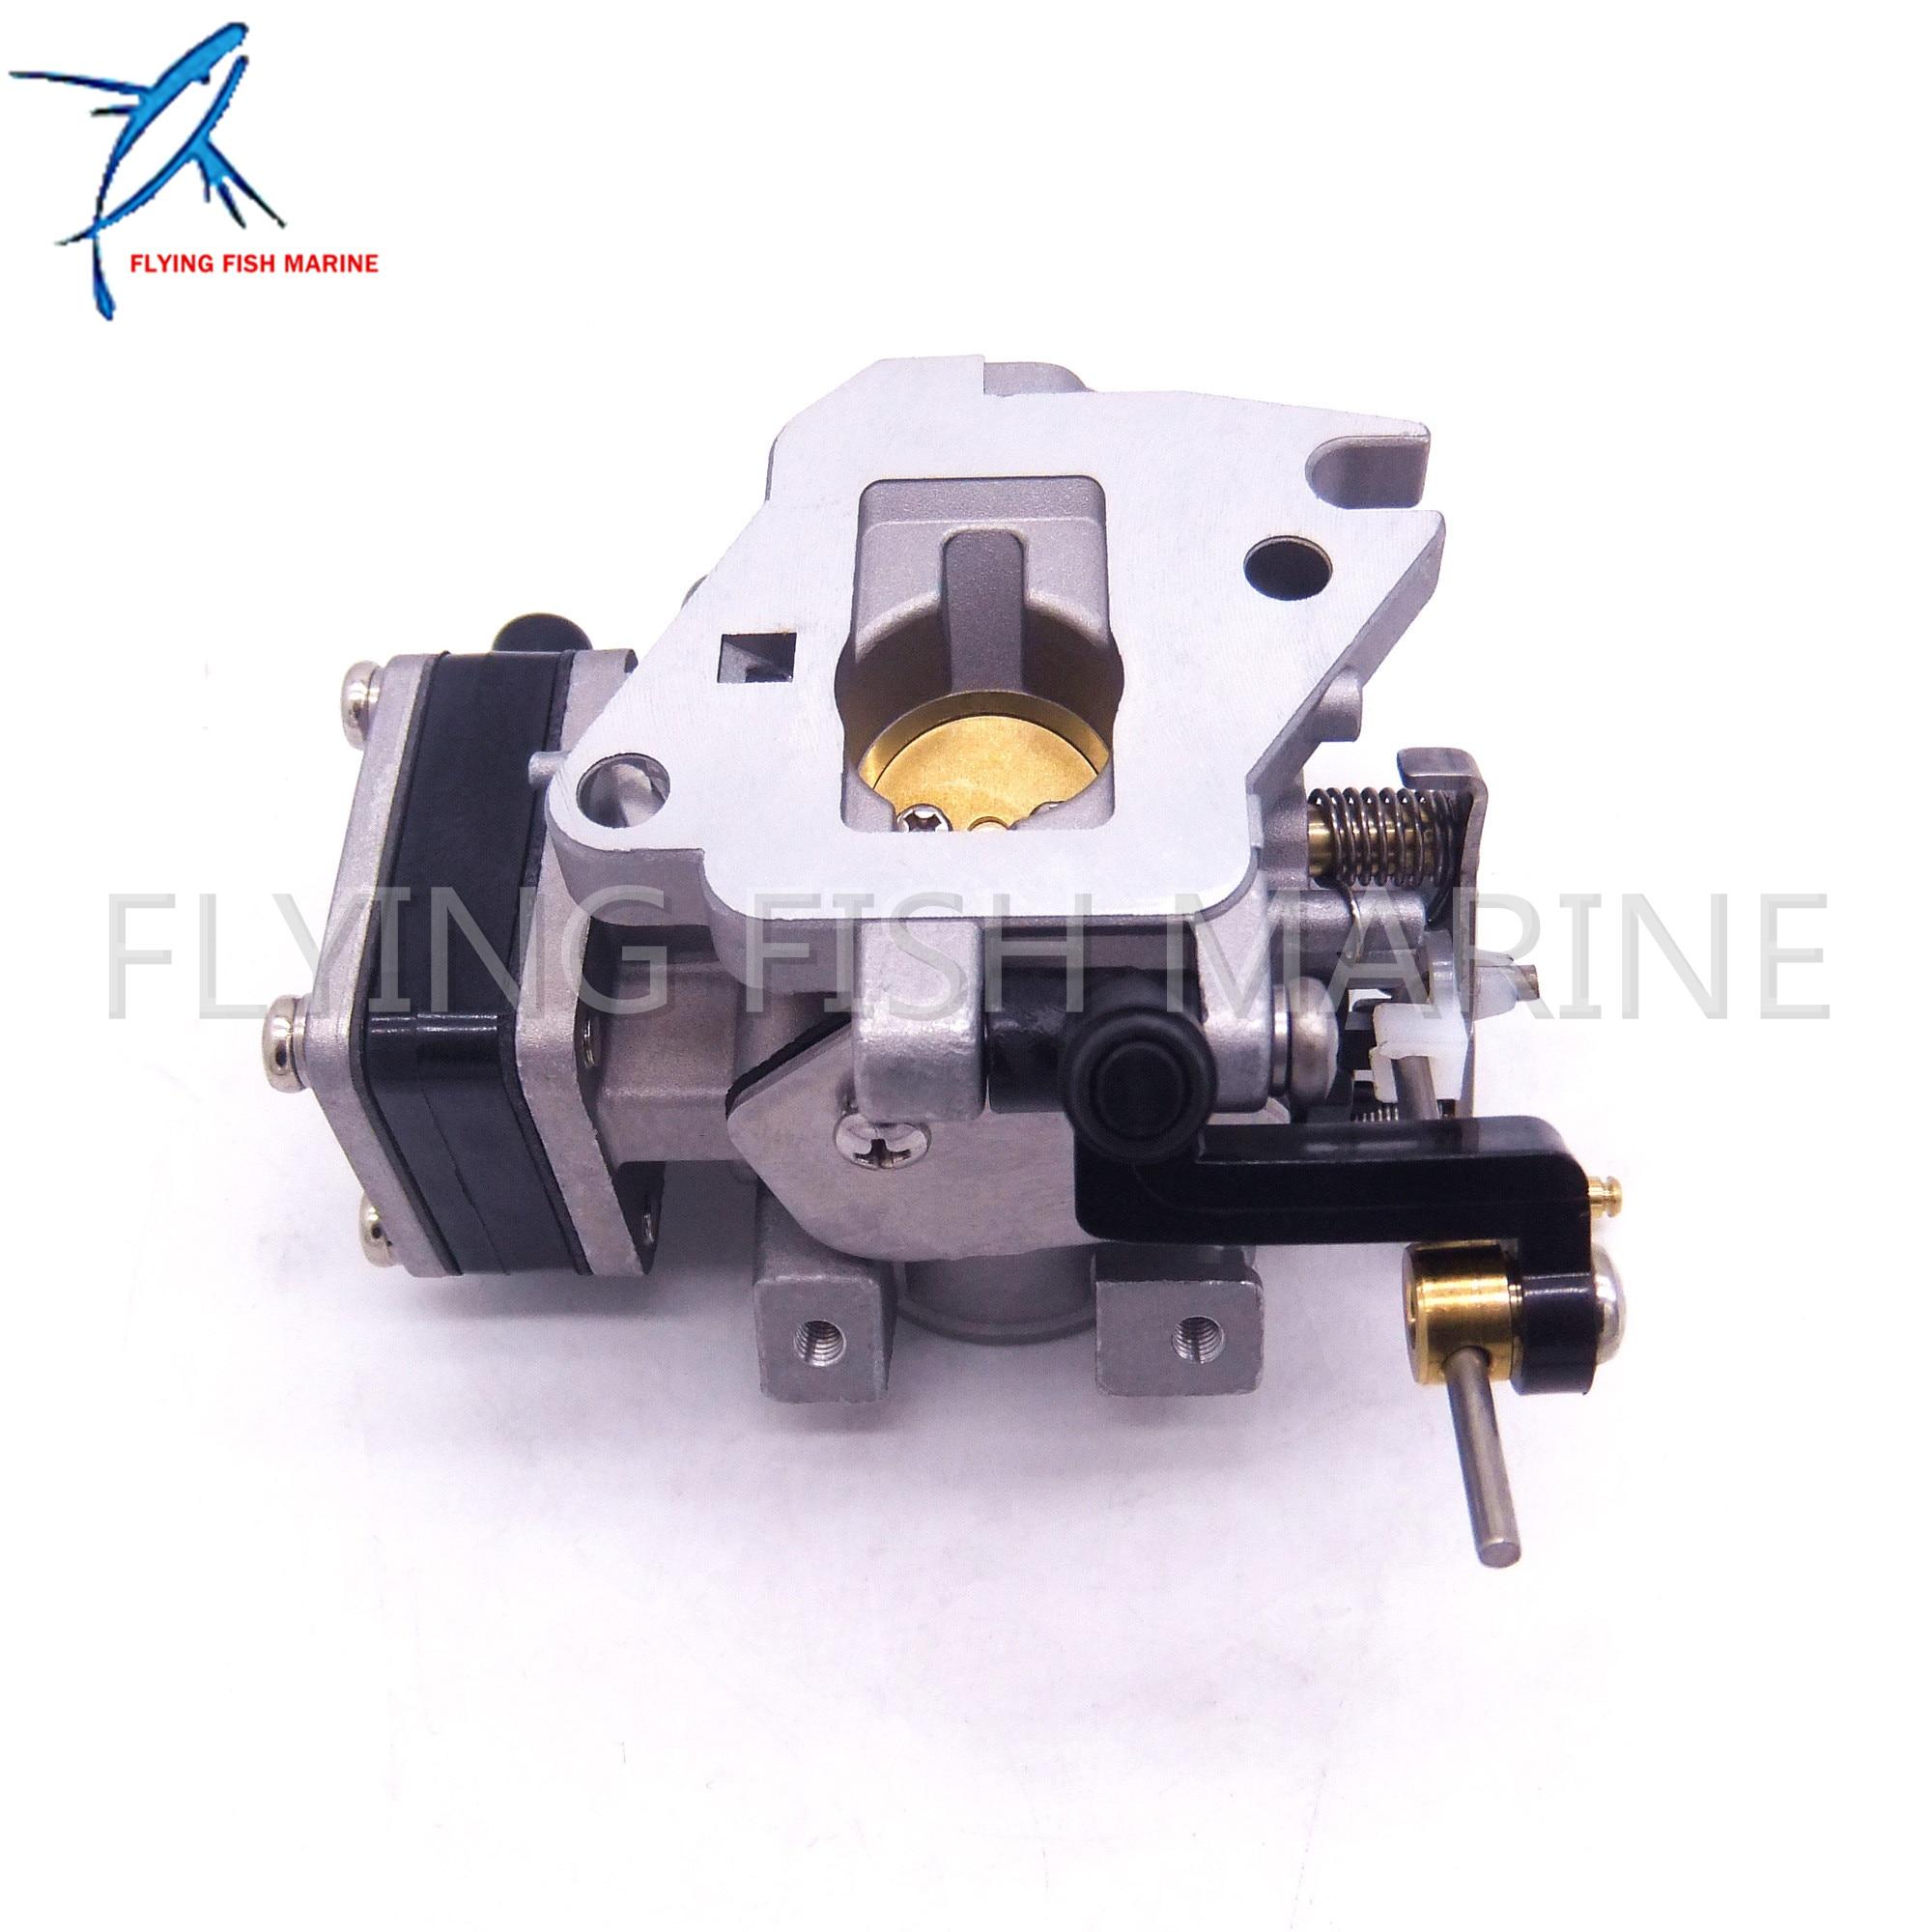 Outboard Engines Carburetor Carb assy for Yamaha 6E8 14301 05 6E7 14301 684 14301 2 stroke